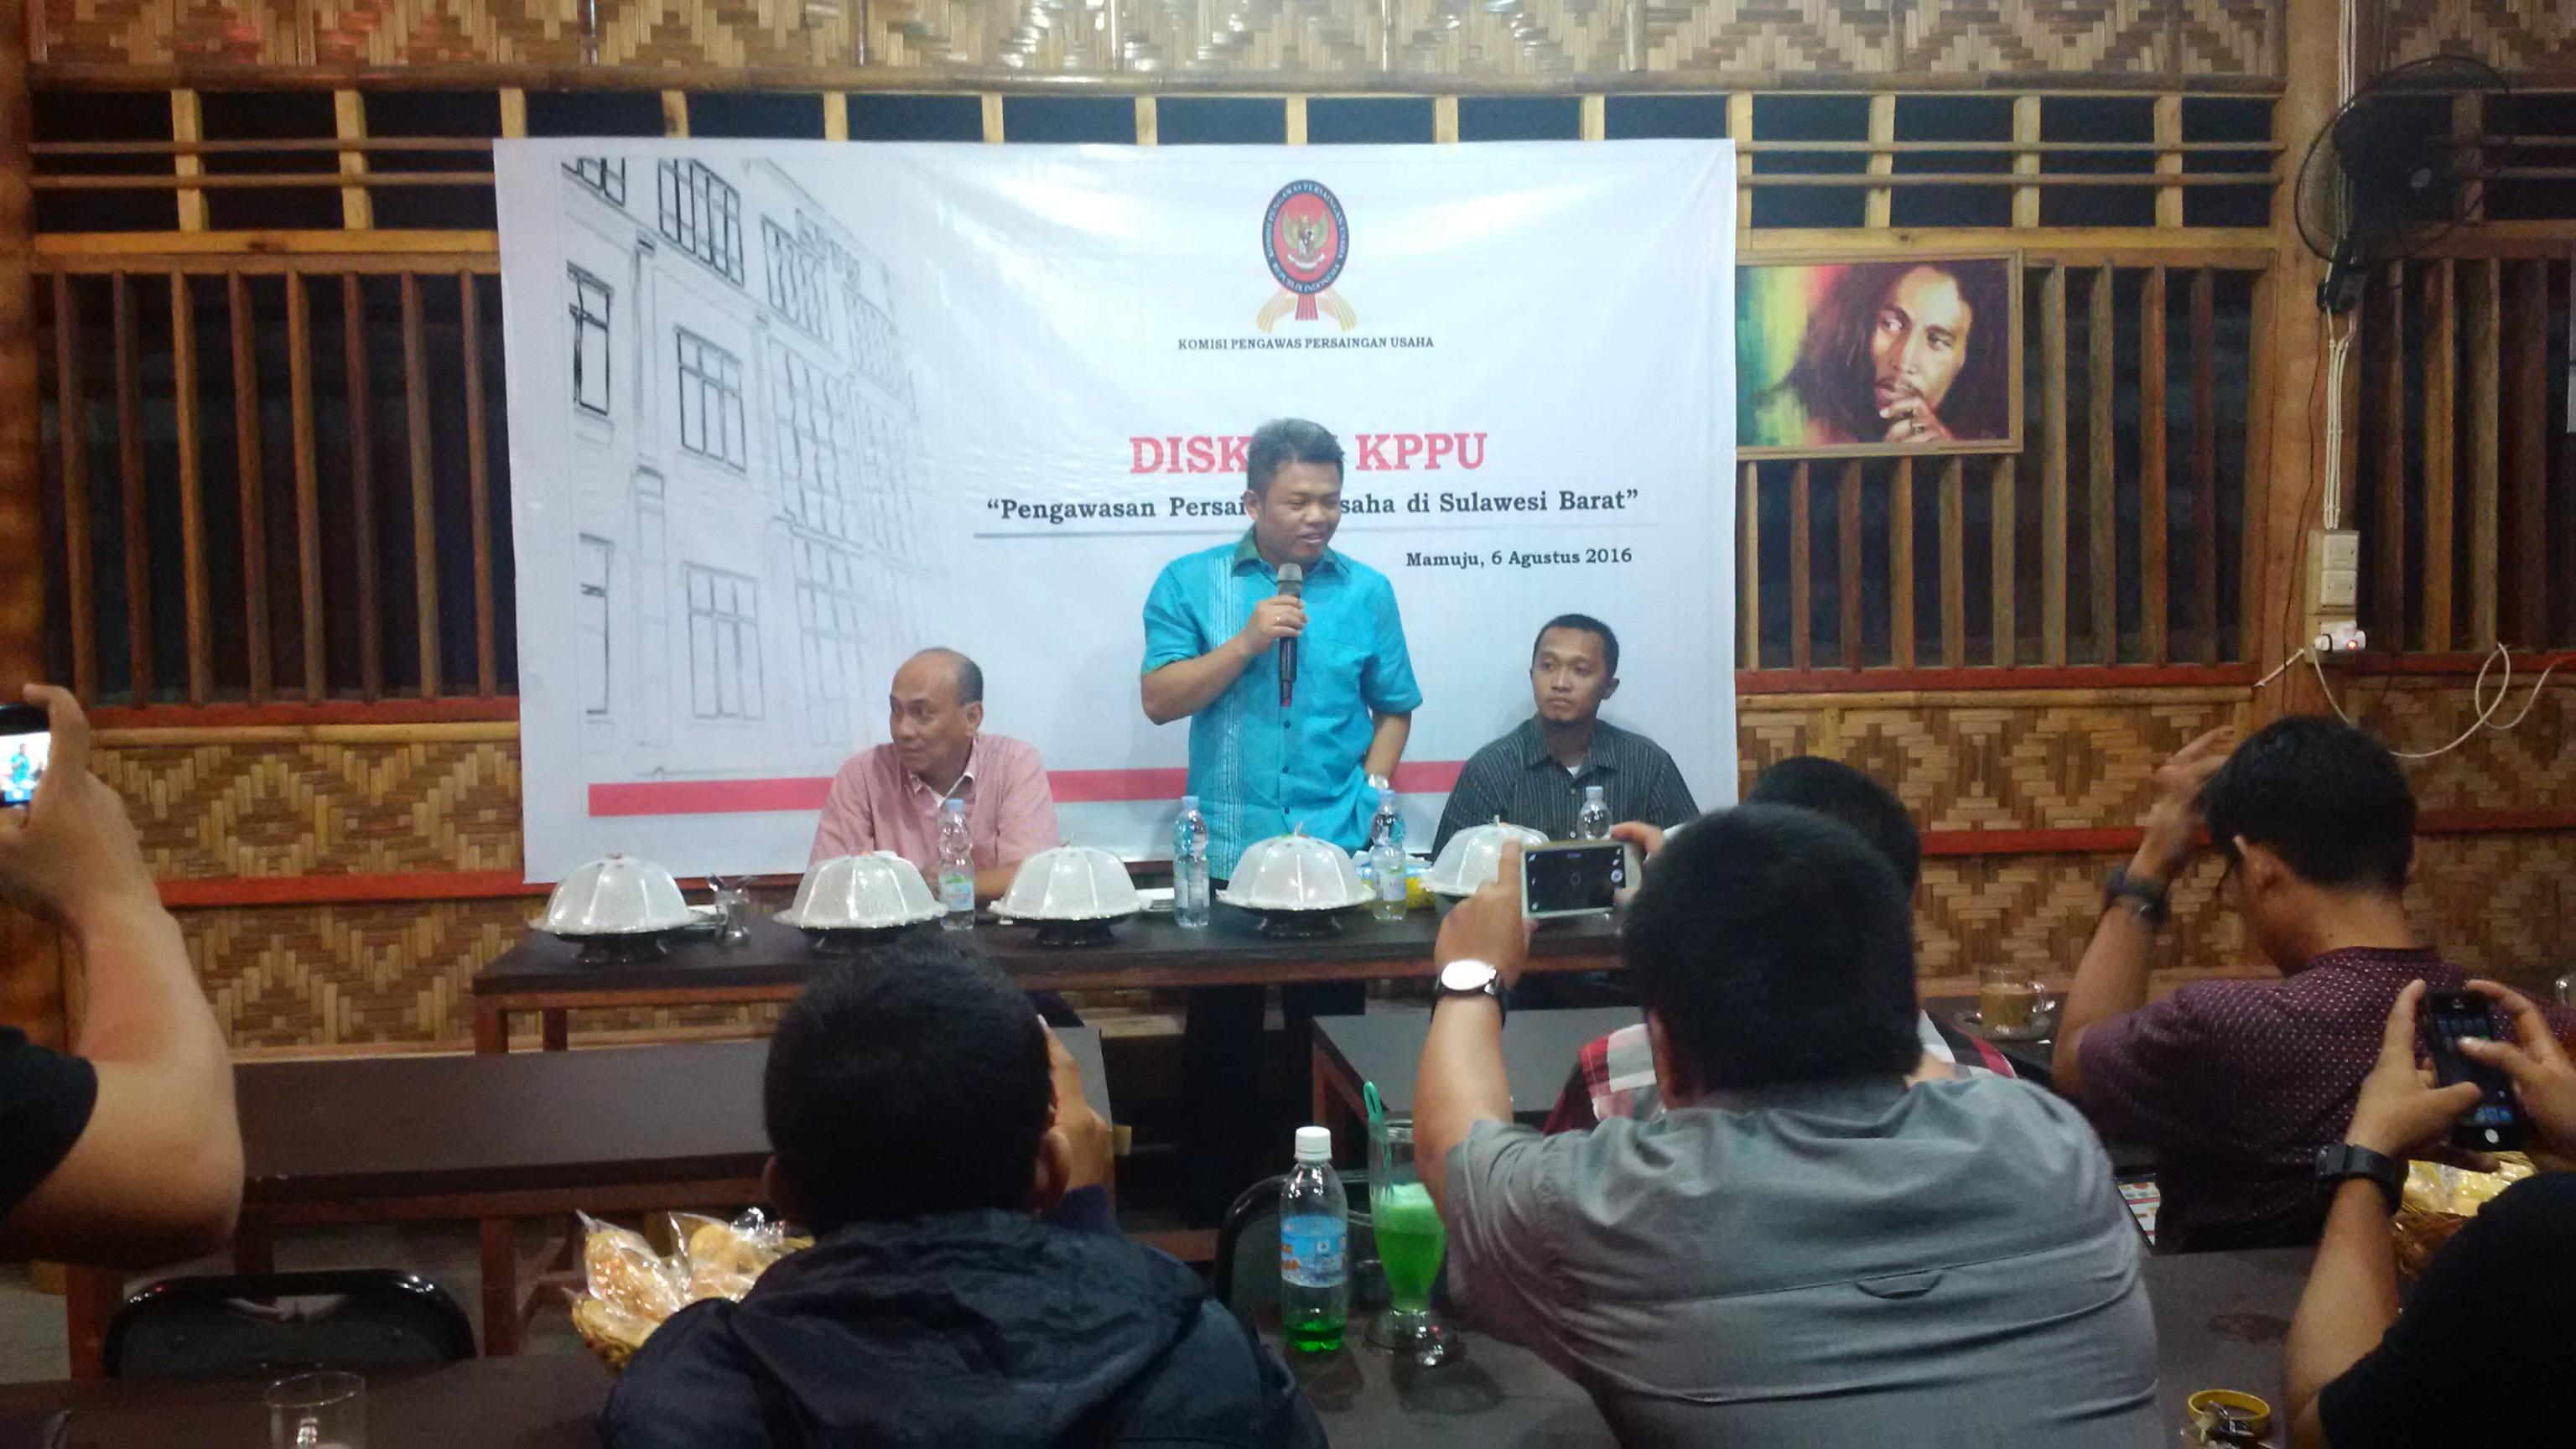 Syarkawi Rauf (tengah) saat memberikan penjelasan tentang KPPU